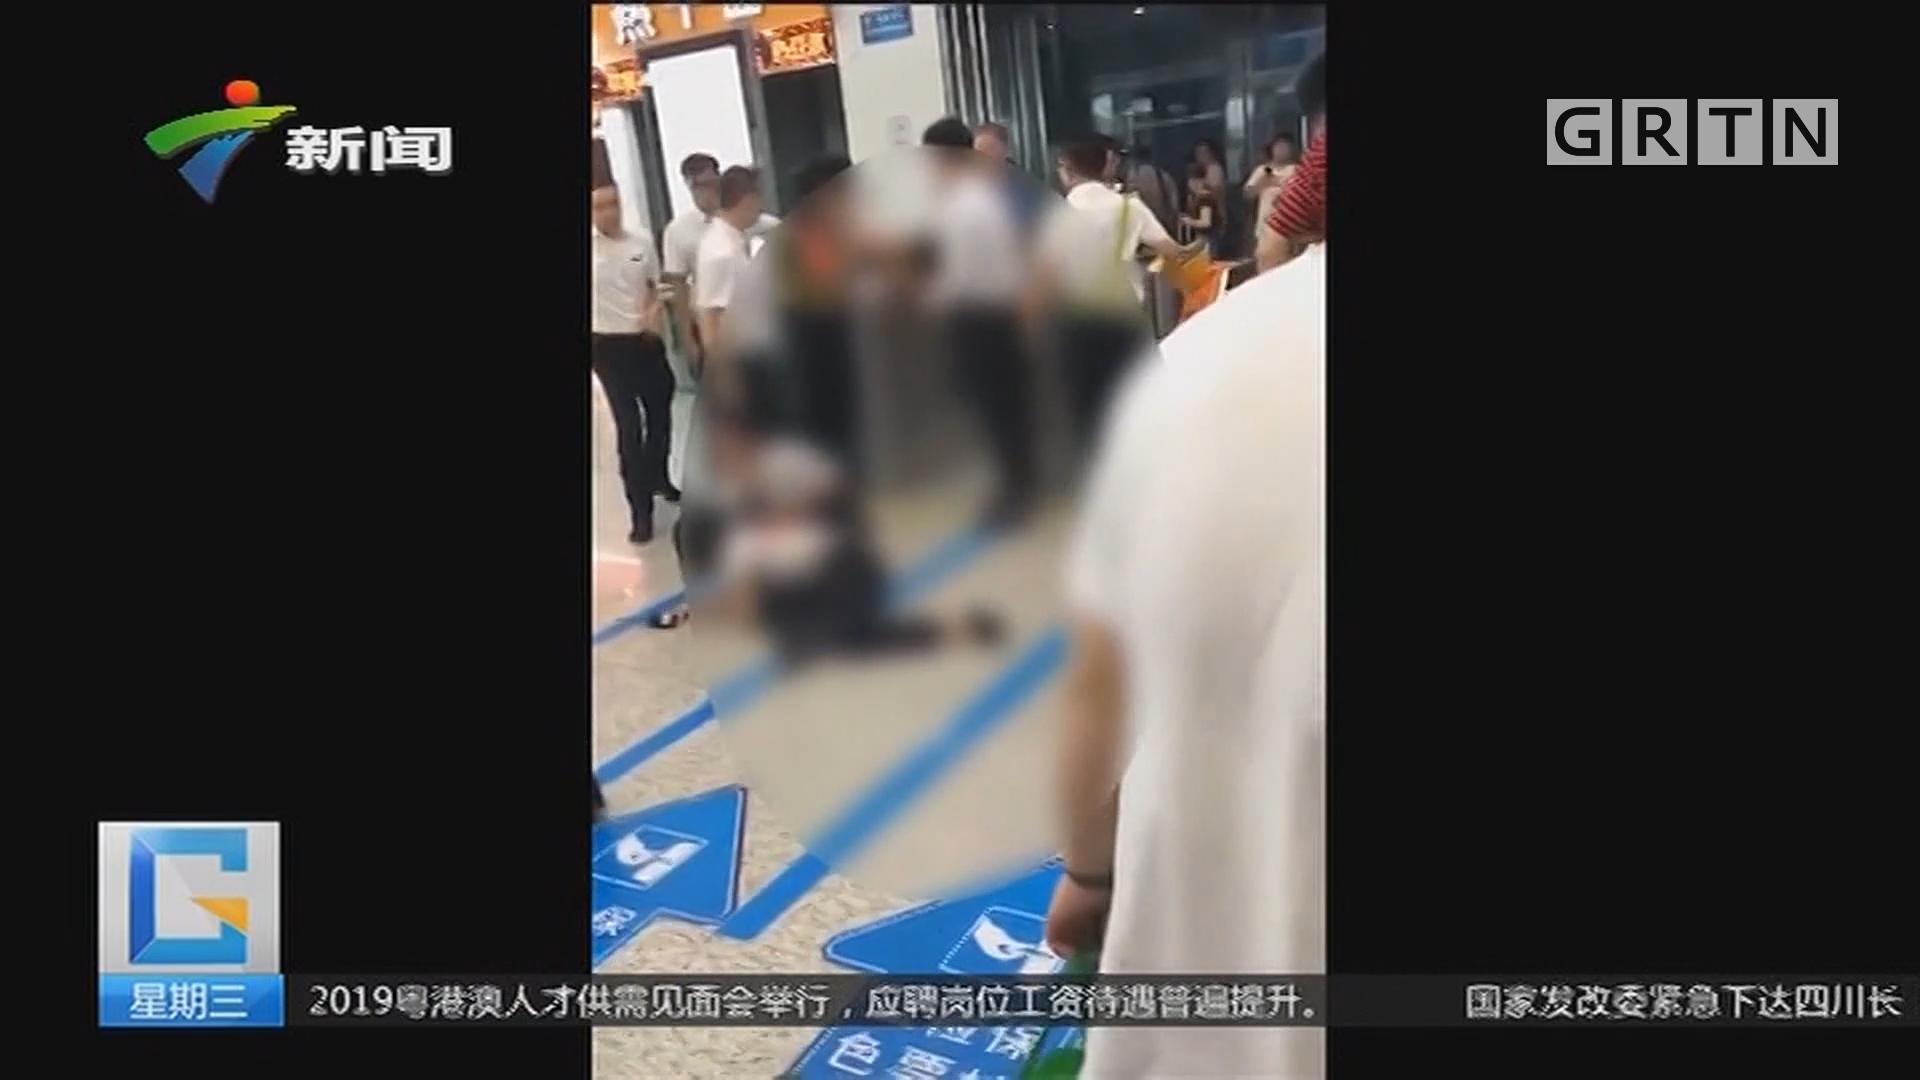 深圳北站:持刀捅伤女客运员 嫌疑人被控制